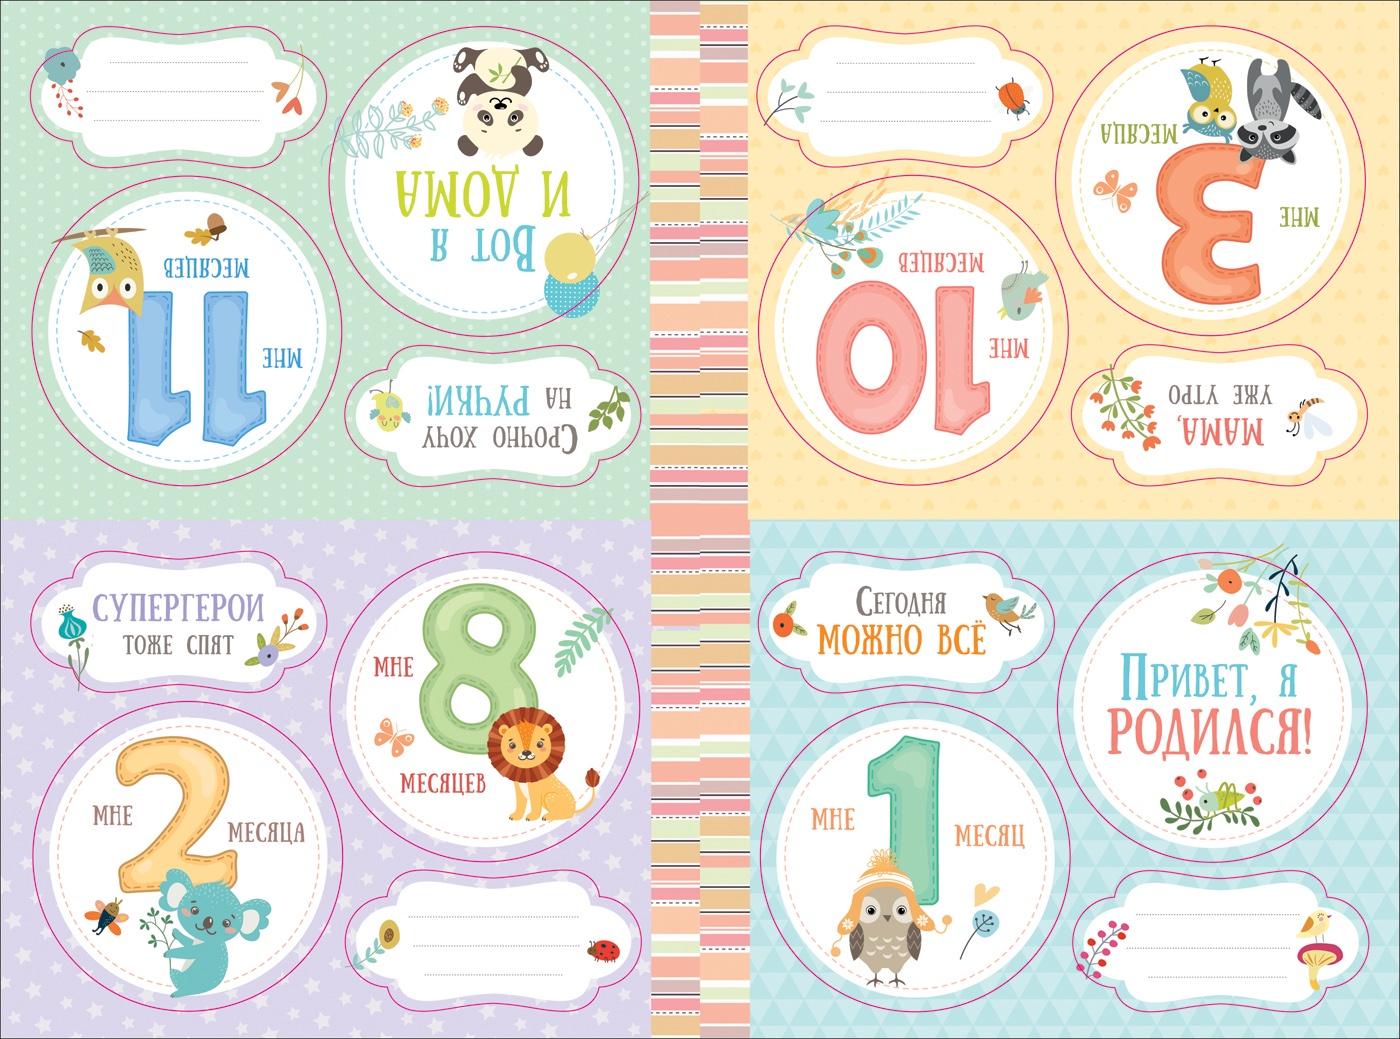 Наш малыш. Наклейки для фотосессий от рождения до года. Коллекция из 16 круглых наклеек для...